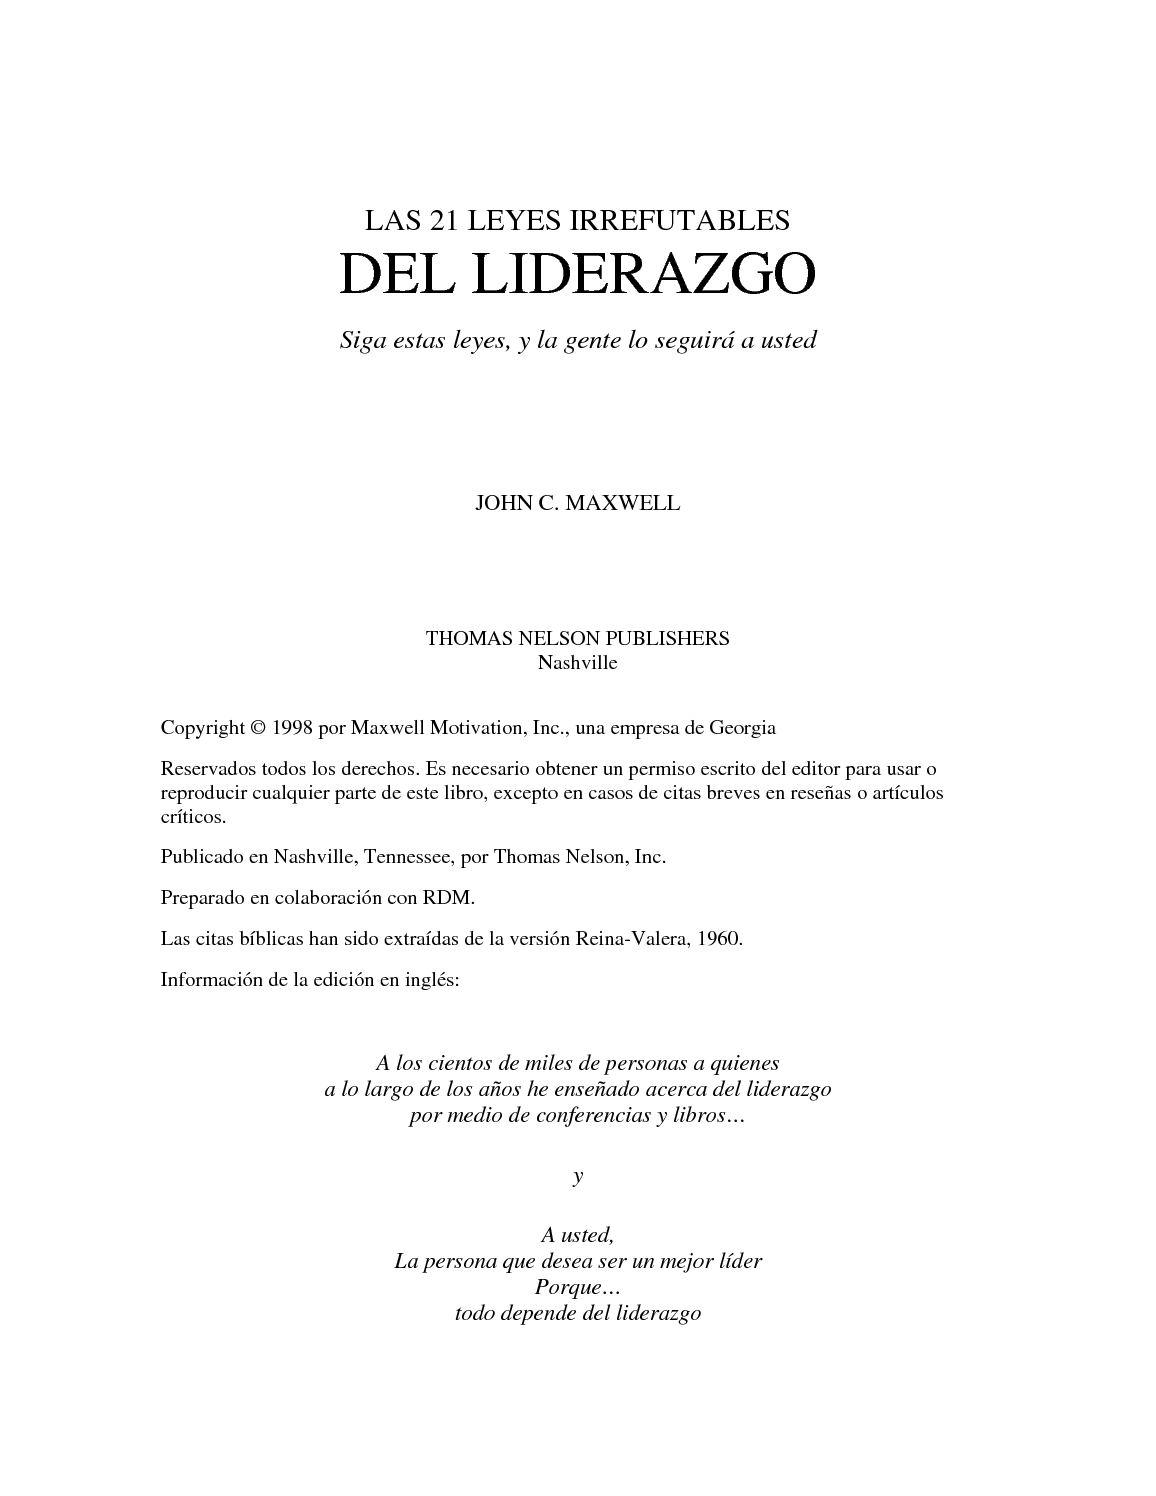 Calaméo - Las 21 Leyes Irrefutables Del Liderazgo 1